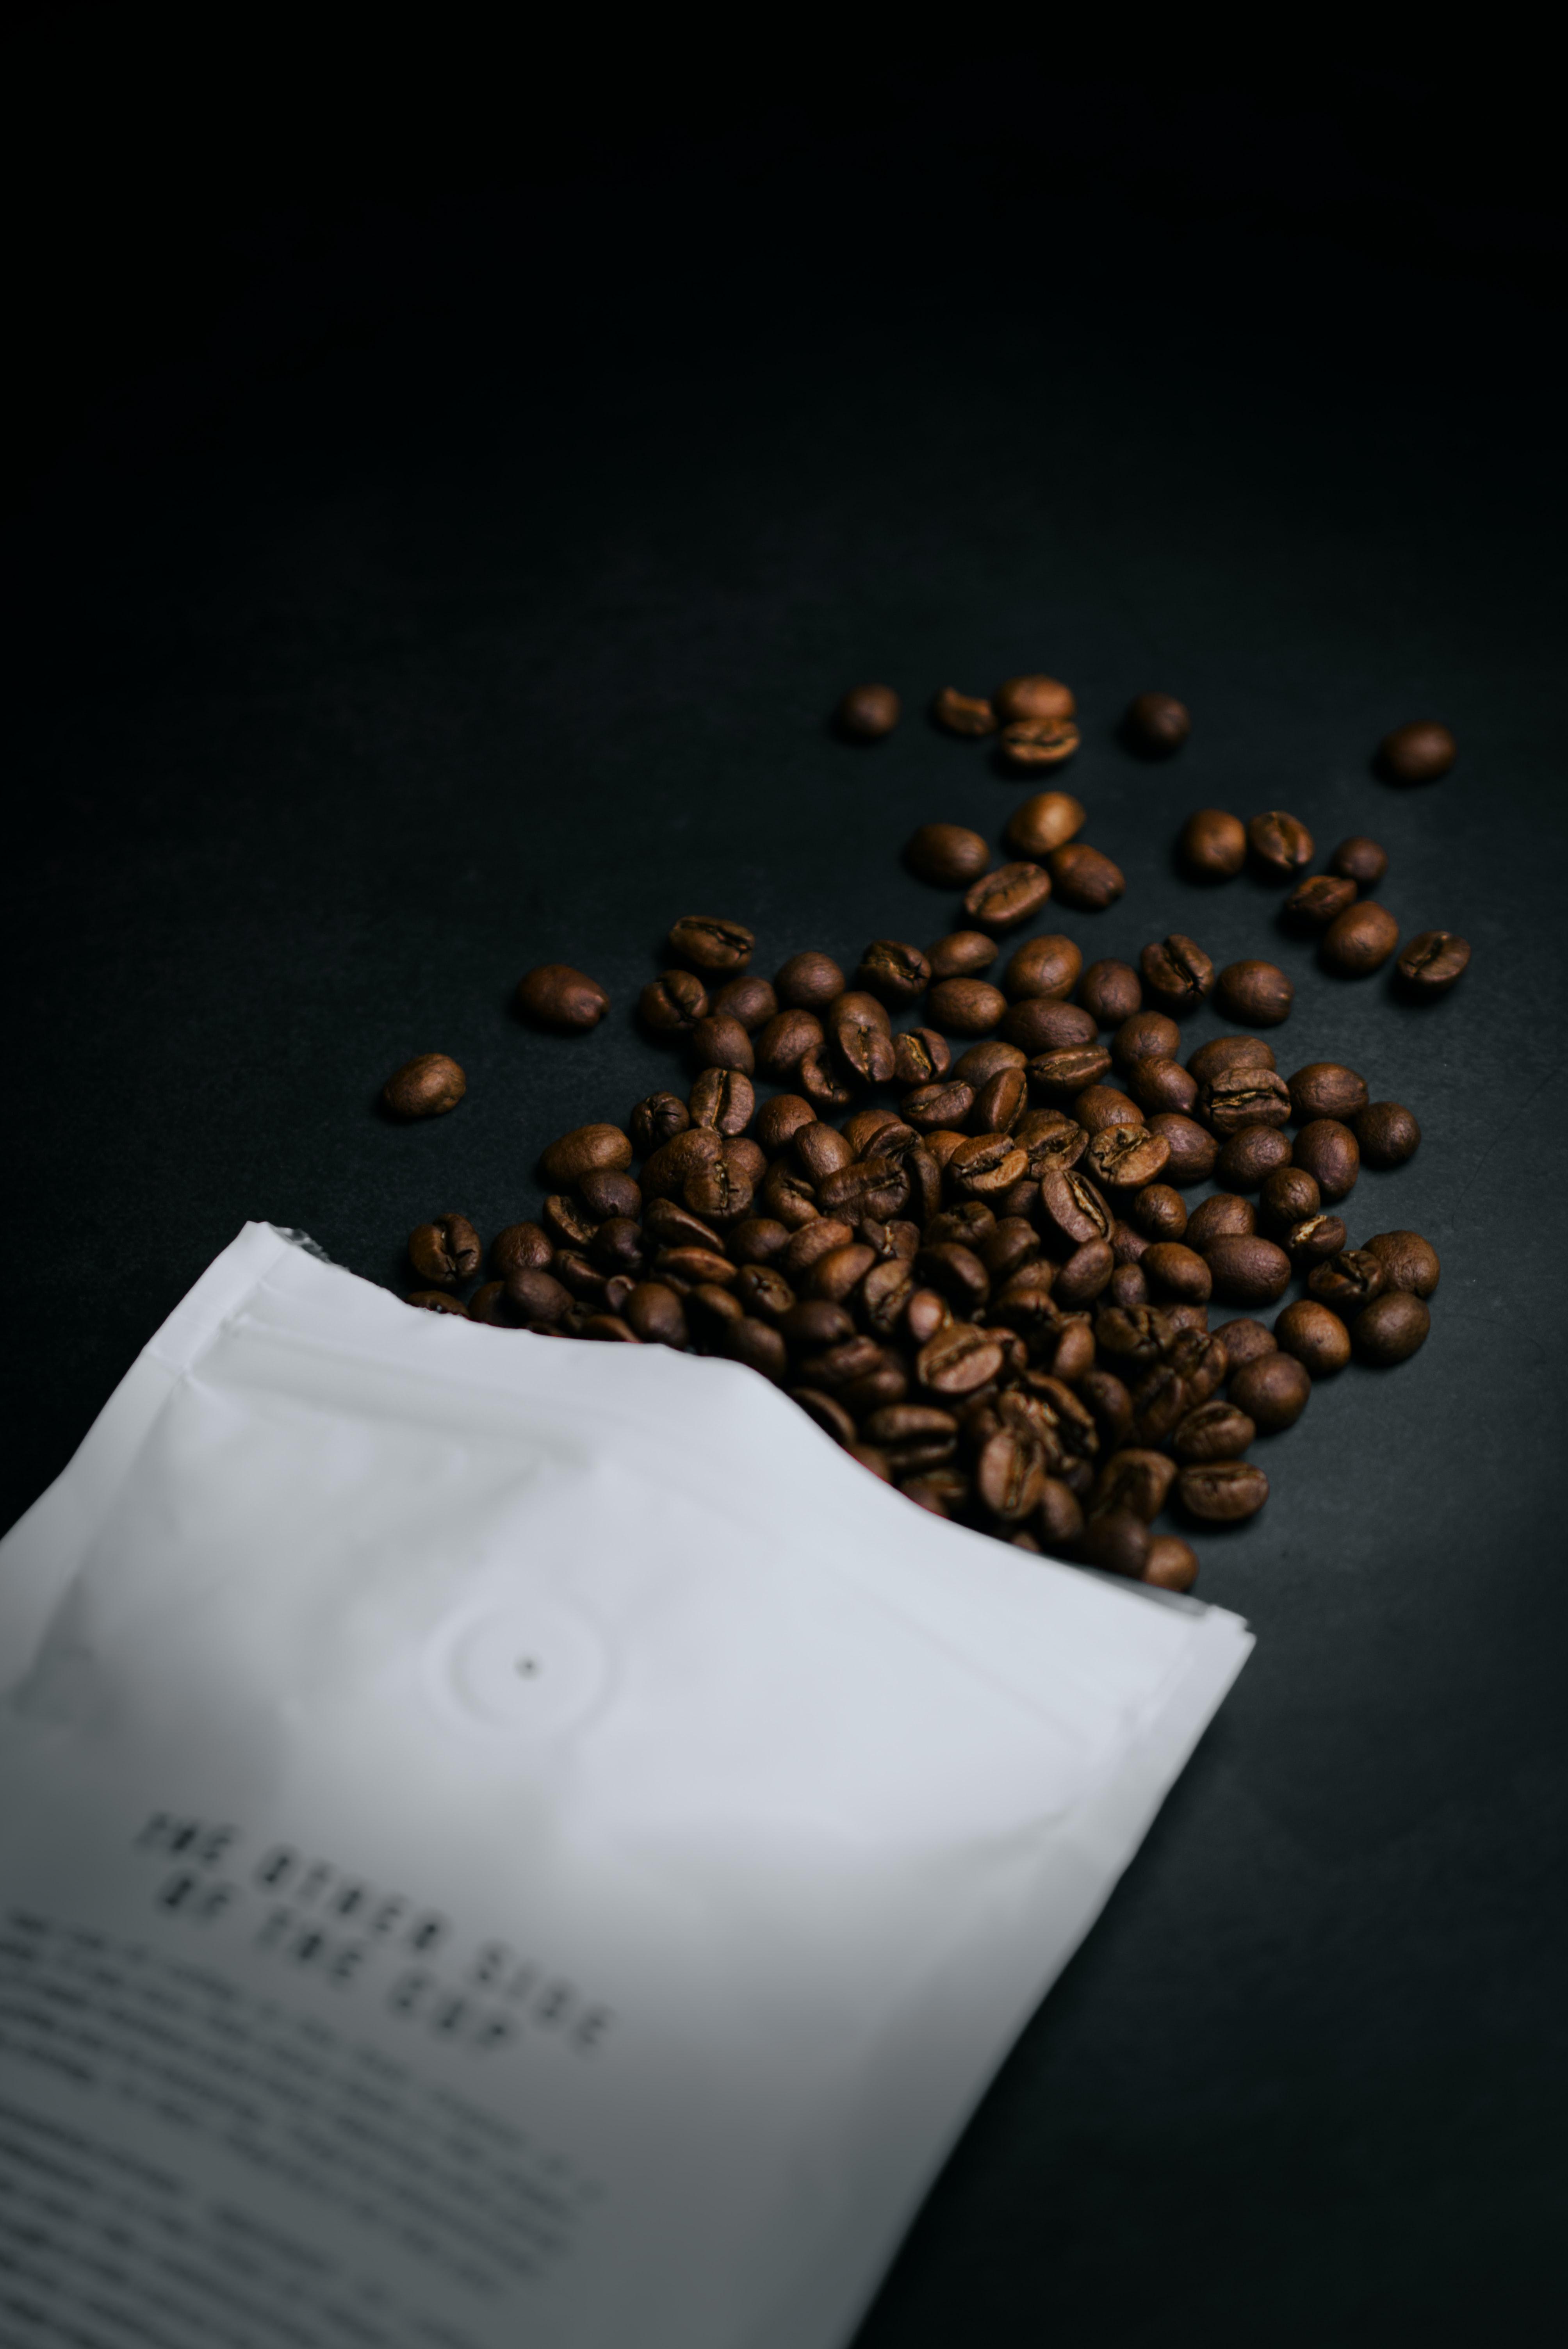 75968 скачать обои Еда, Кофейное Зерно, Зерно, Кофе, Пакет - заставки и картинки бесплатно